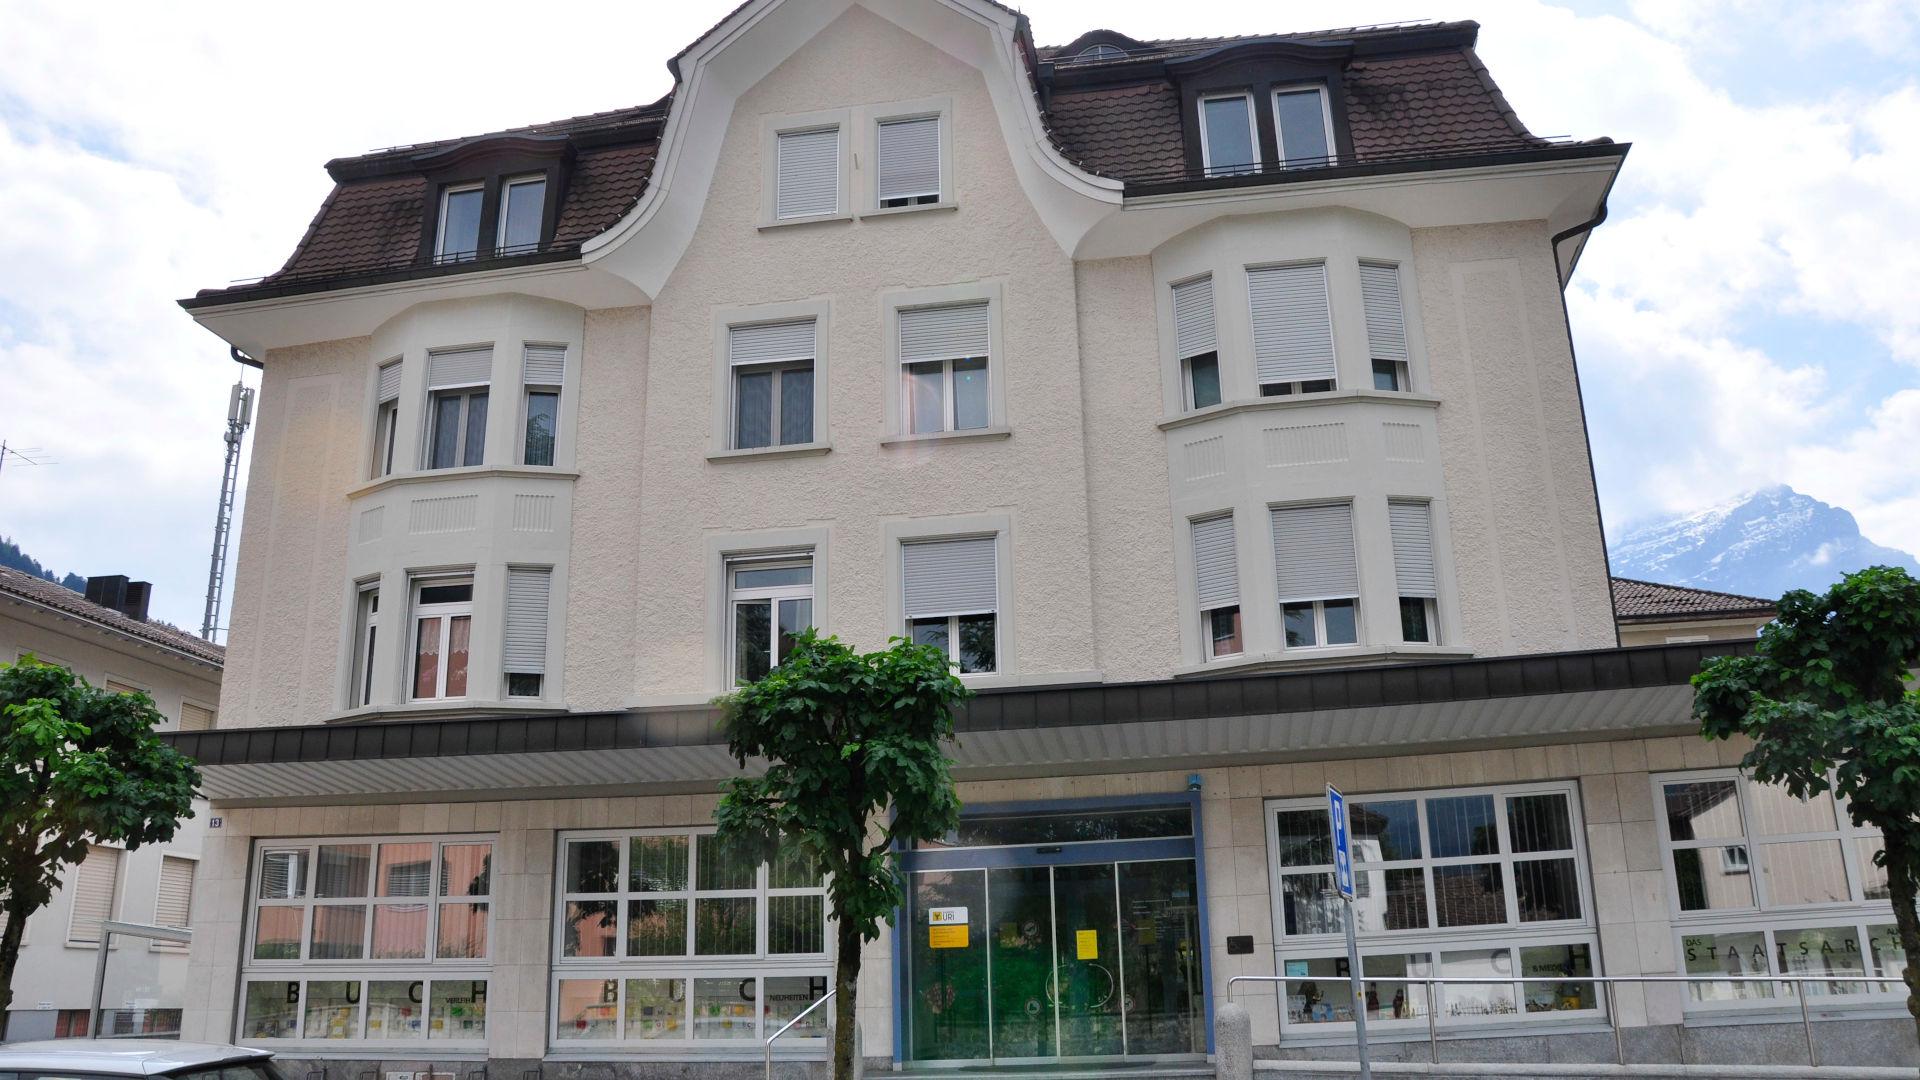 Kanton Uri, Altdorf, Staatsarchiv